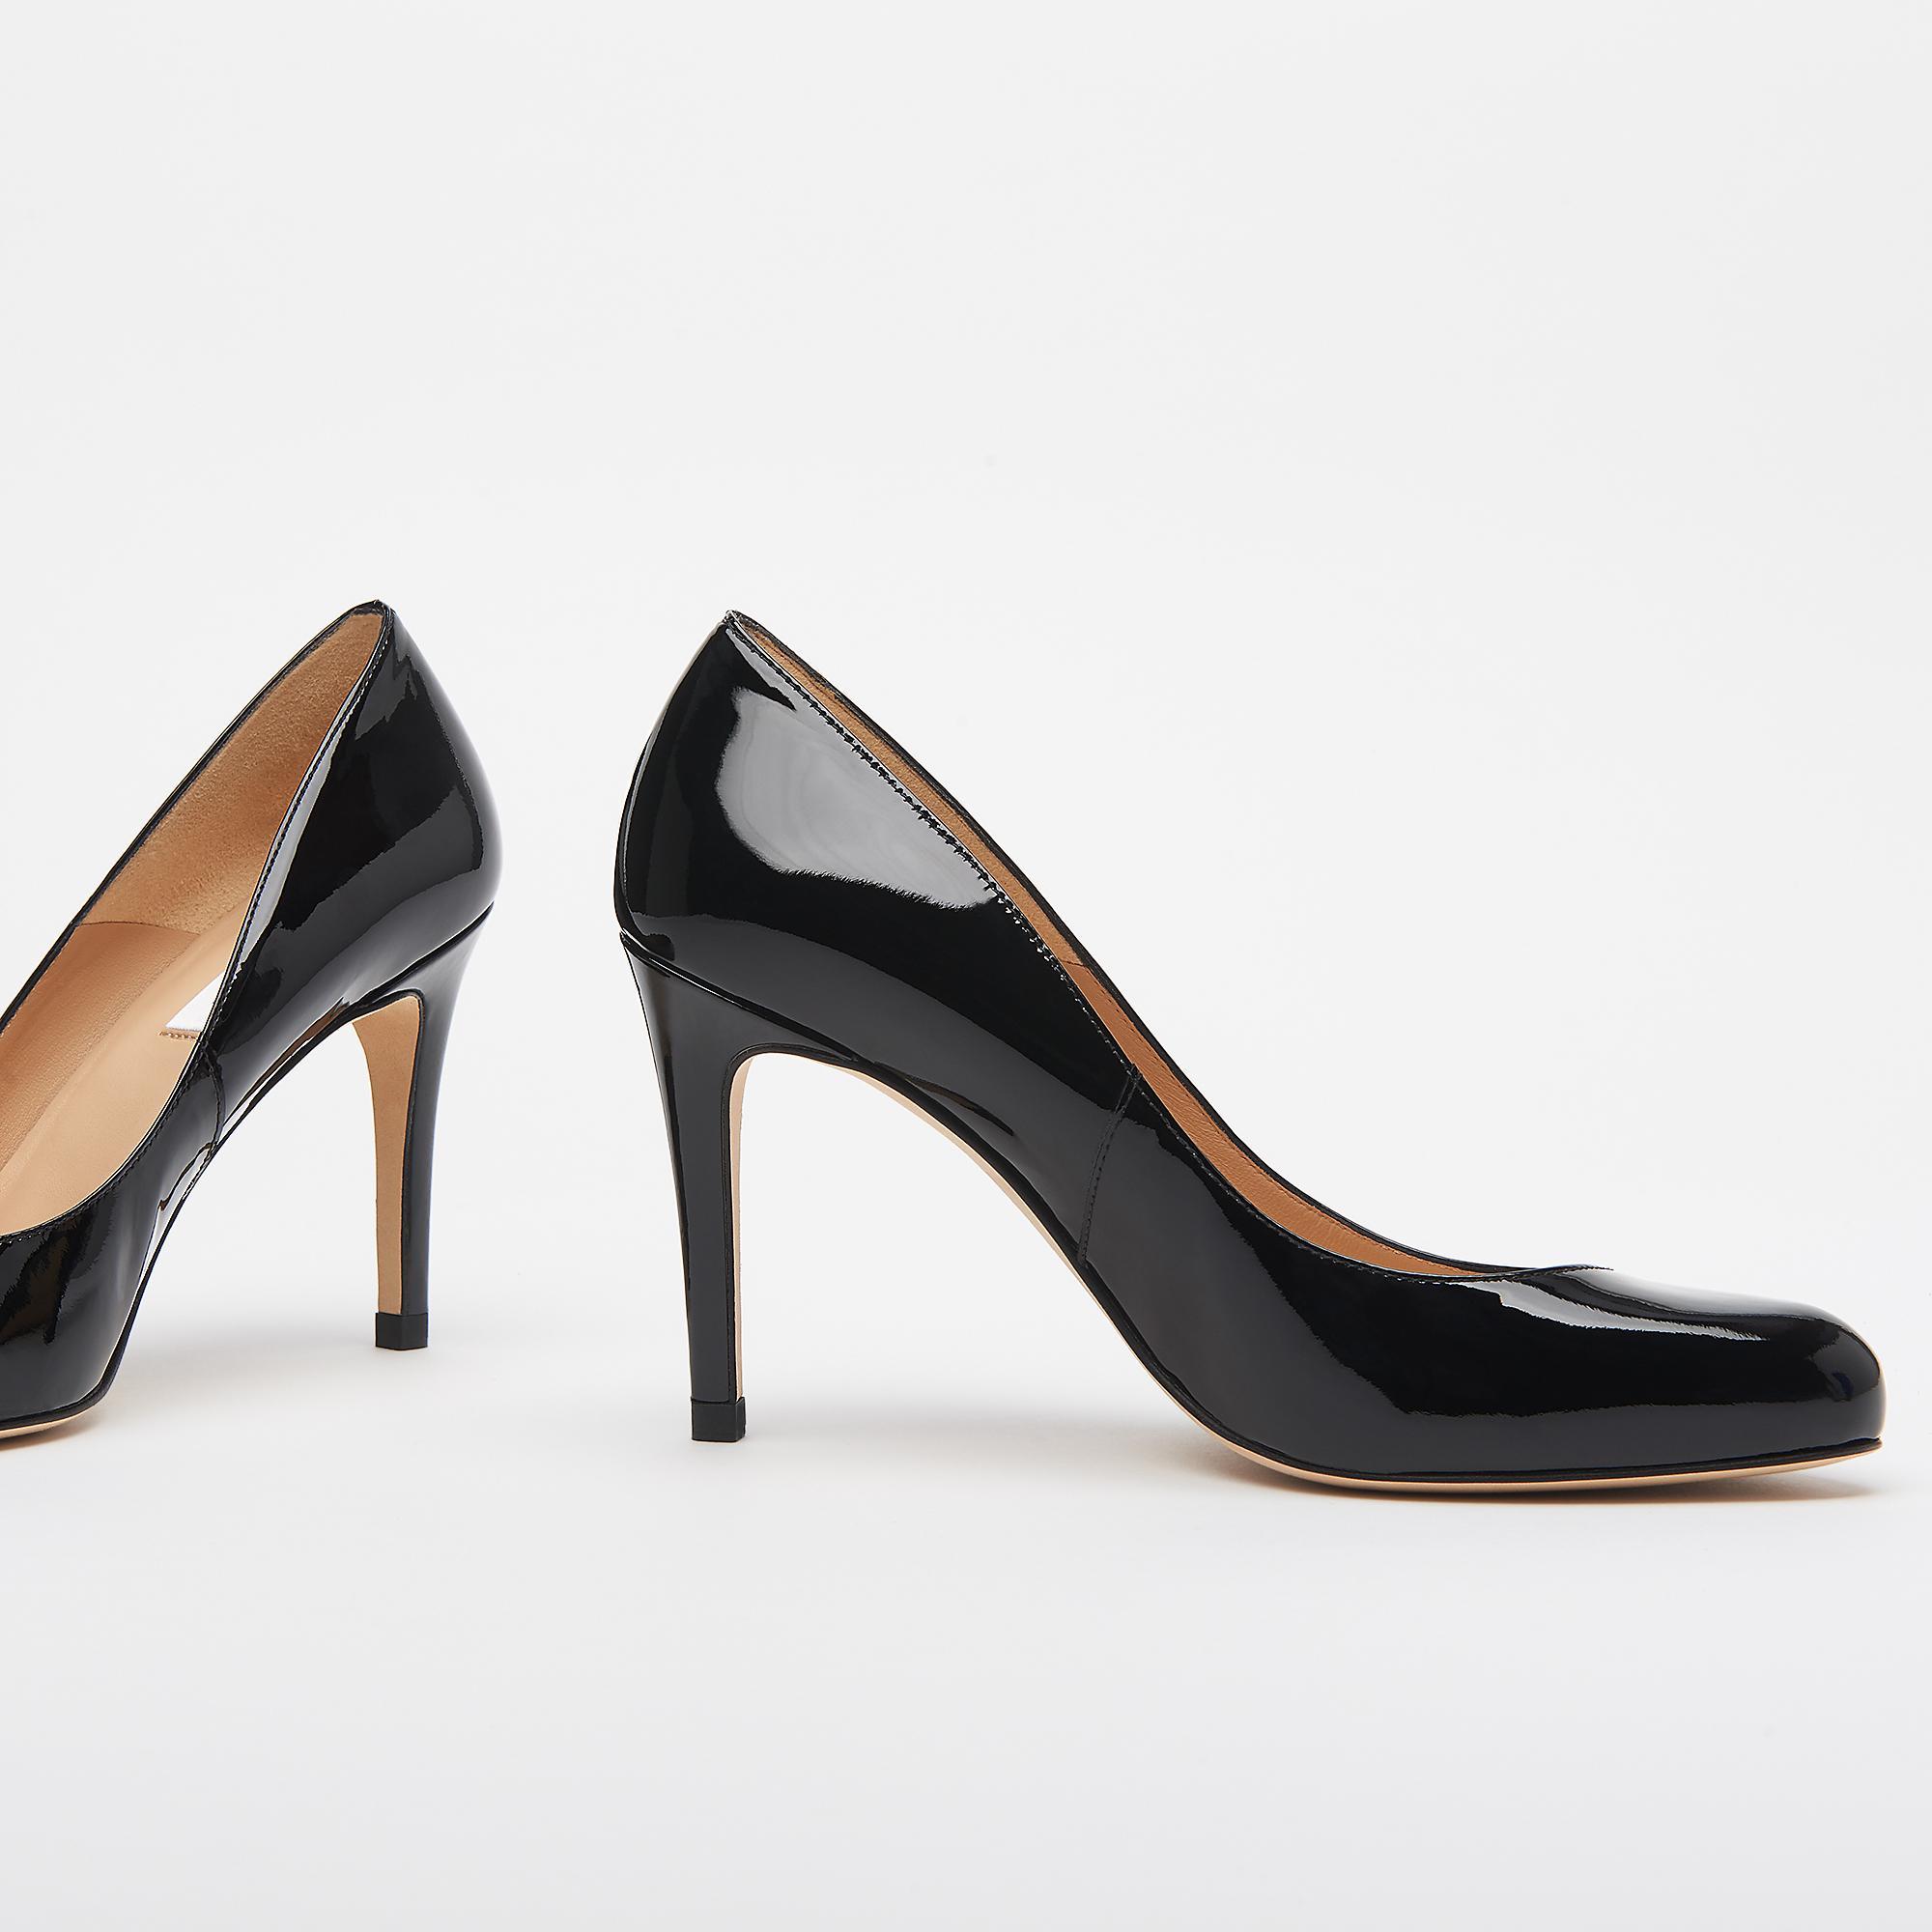 e87a705c6a7 Stila Black Patent Court Shoes   Shoes   L.K.Bennett